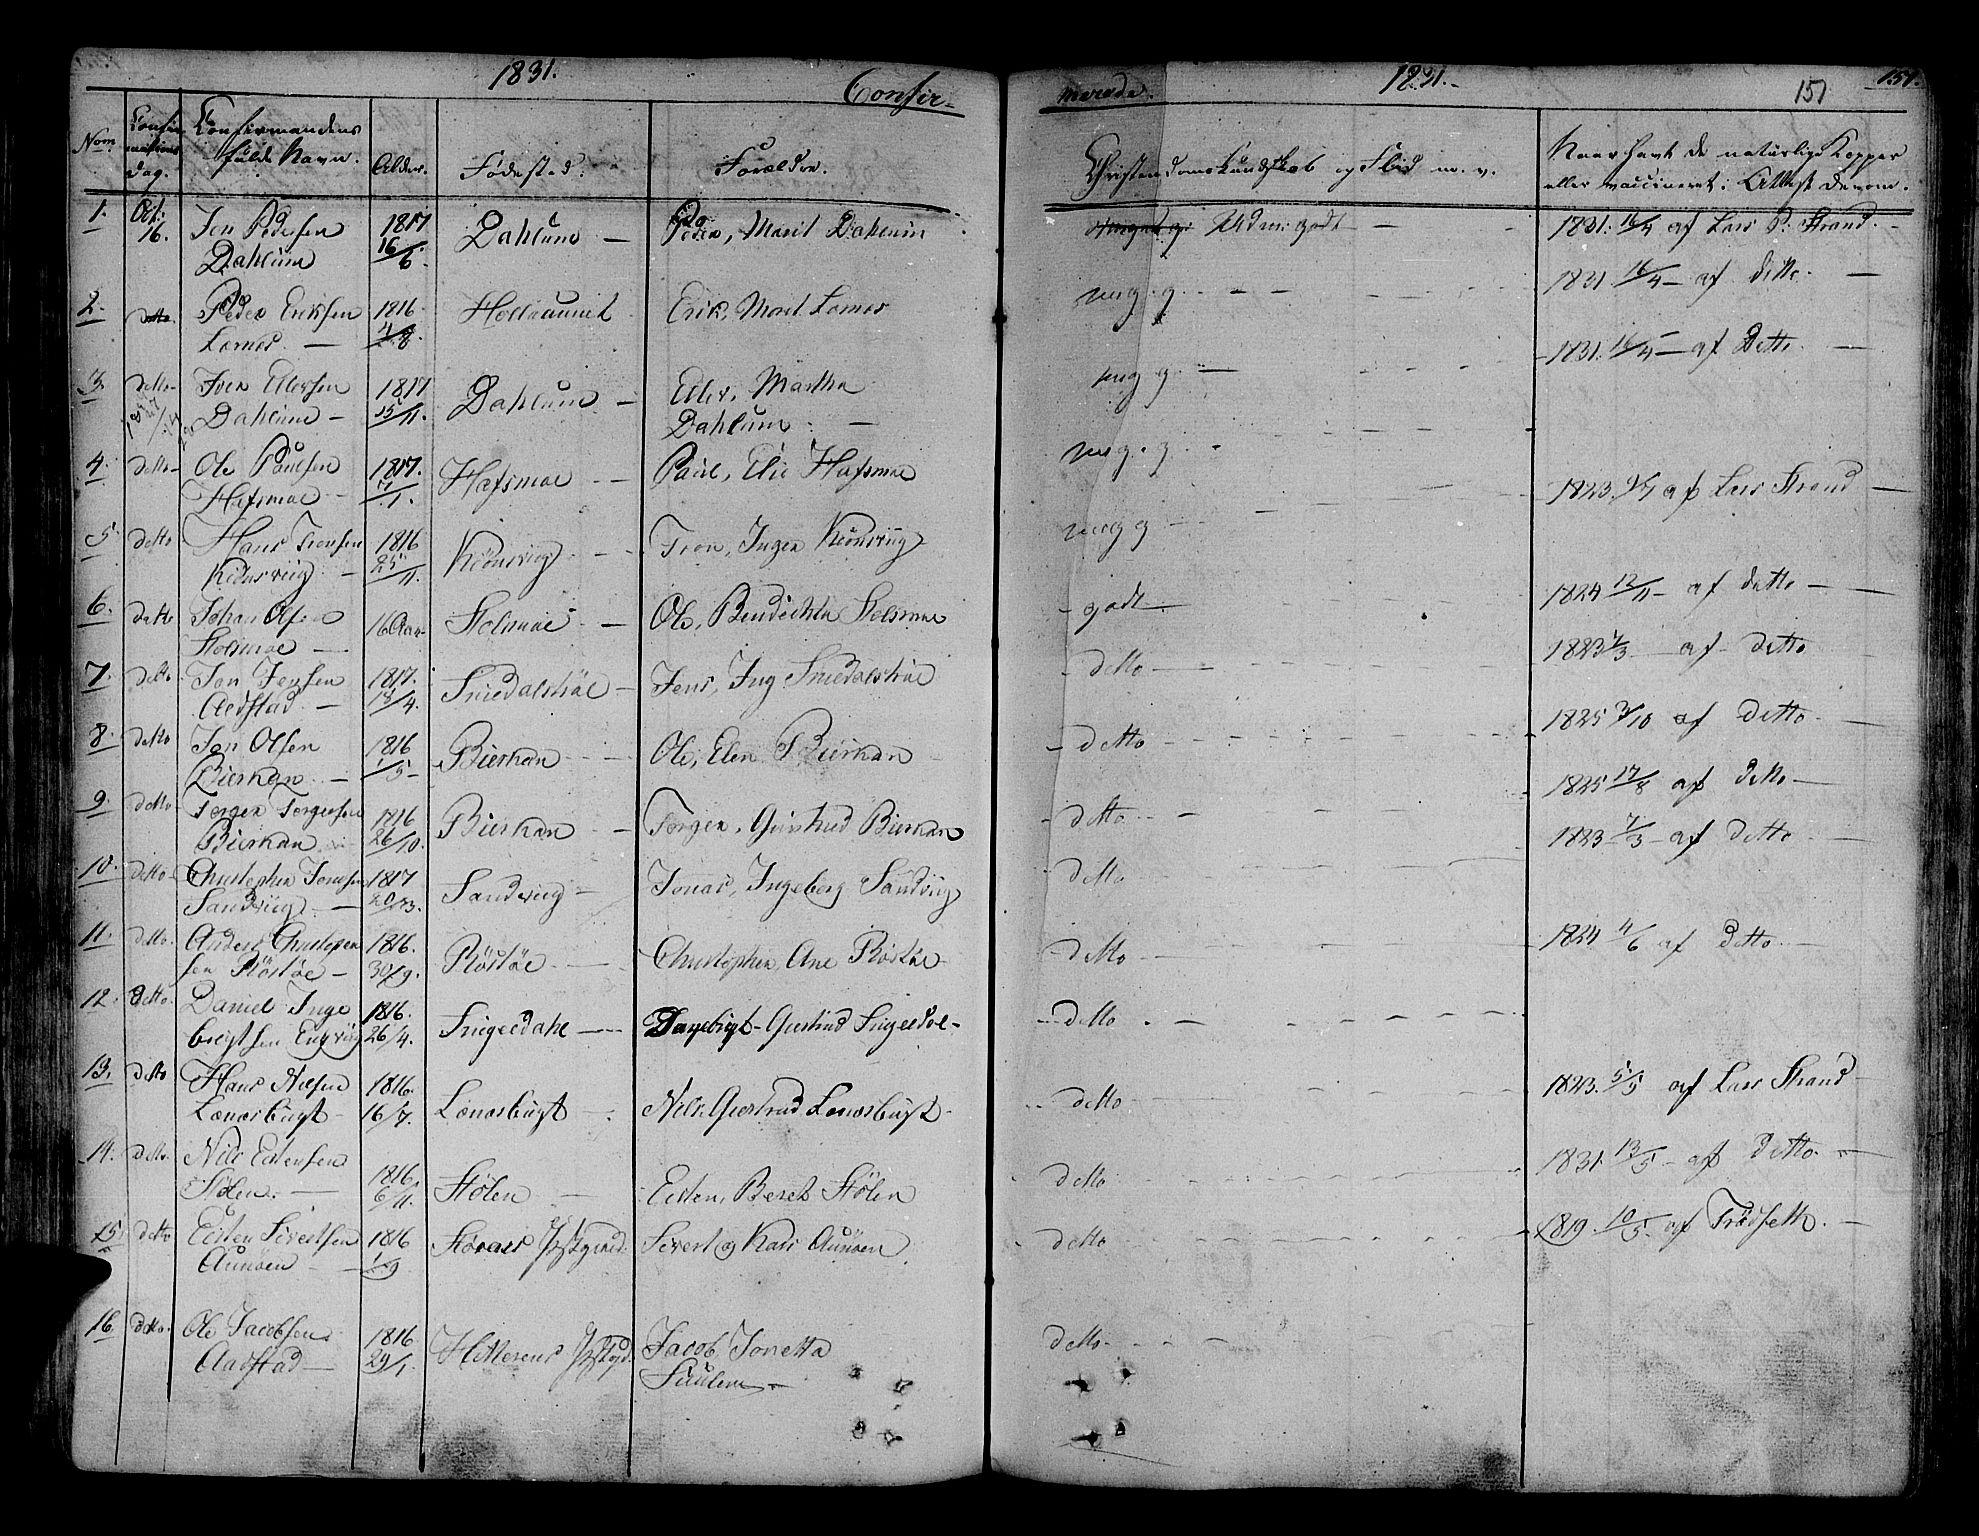 SAT, Ministerialprotokoller, klokkerbøker og fødselsregistre - Sør-Trøndelag, 630/L0492: Ministerialbok nr. 630A05, 1830-1840, s. 151